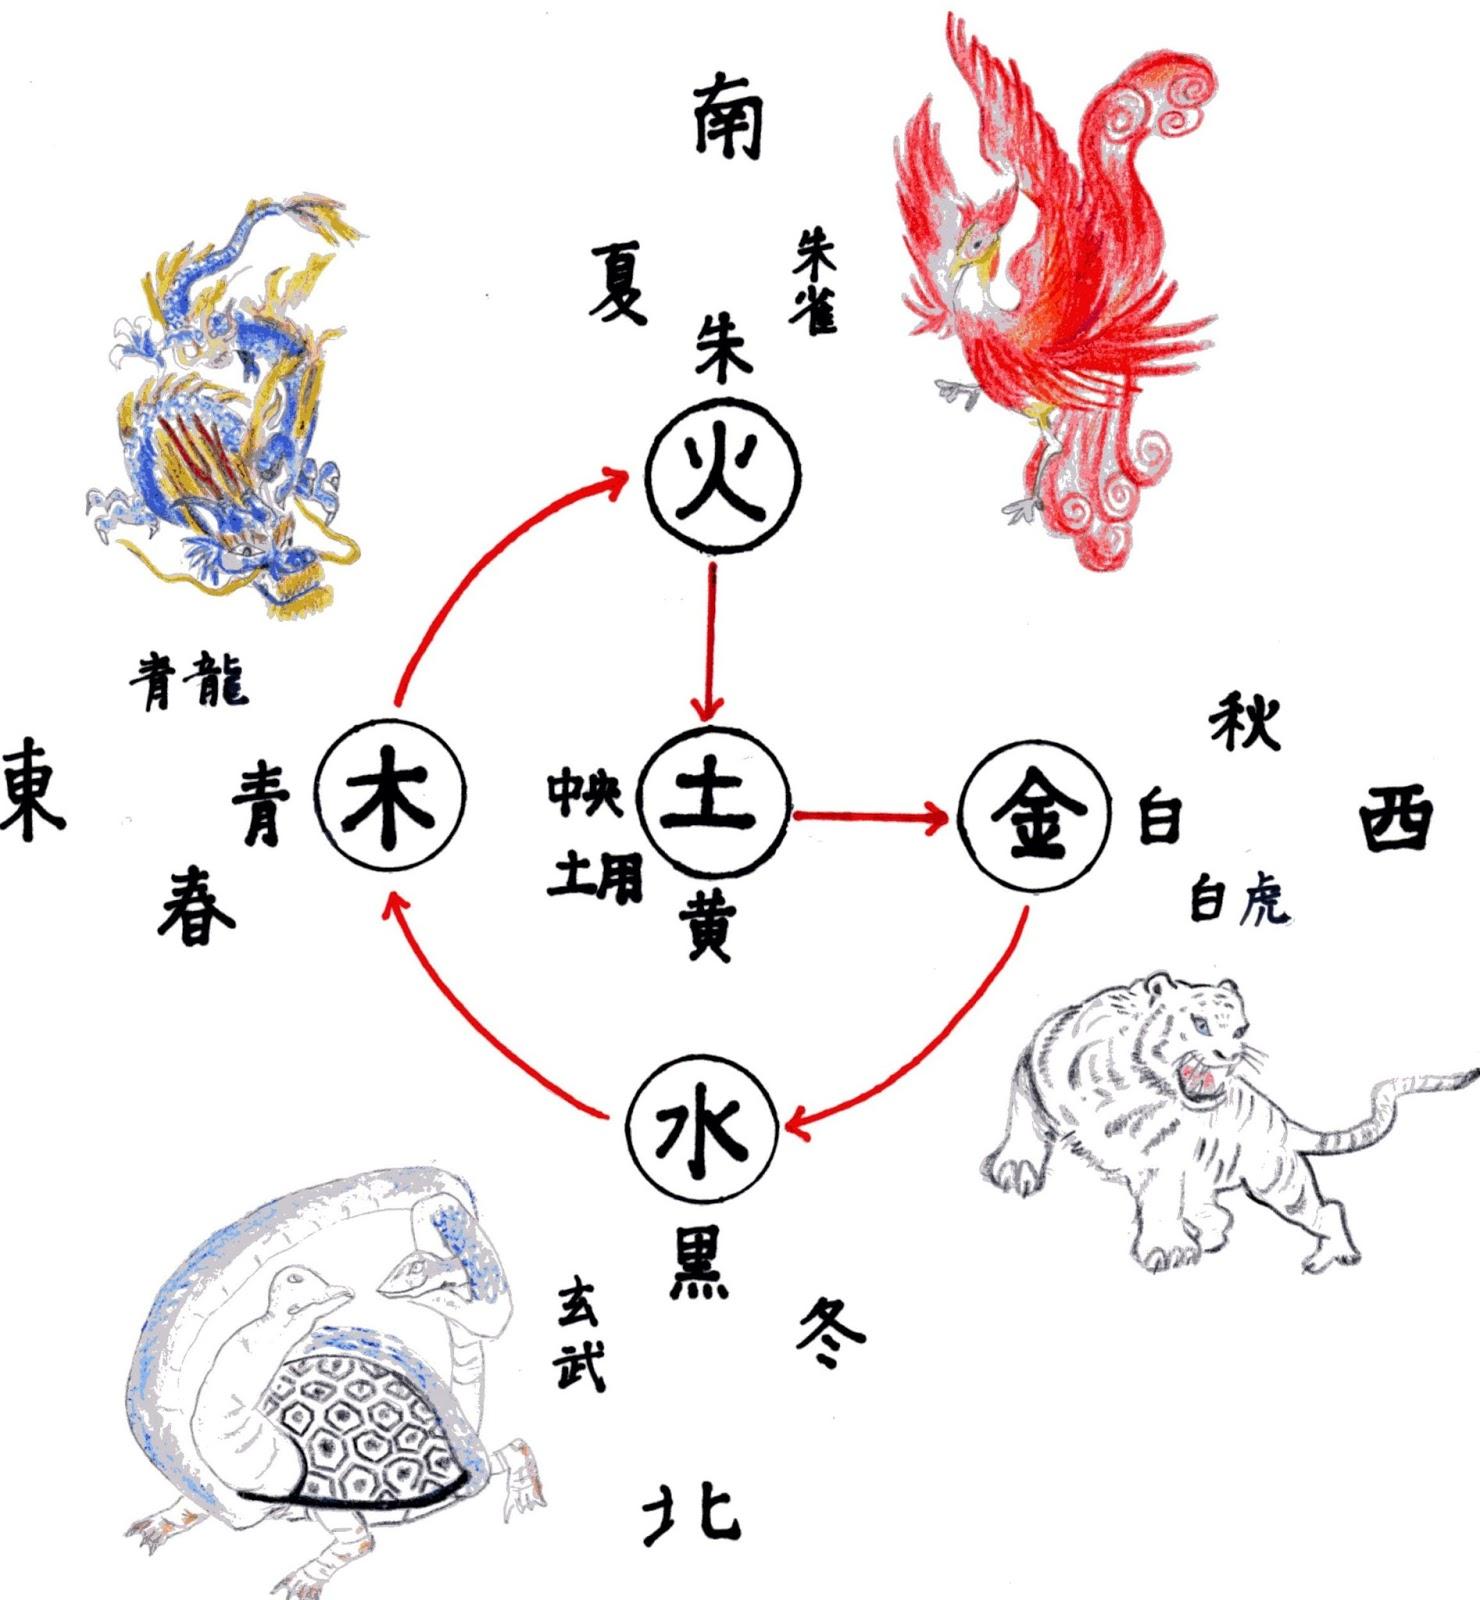 四方四神,青龍,朱雀,白虎,玄武,木火土金水